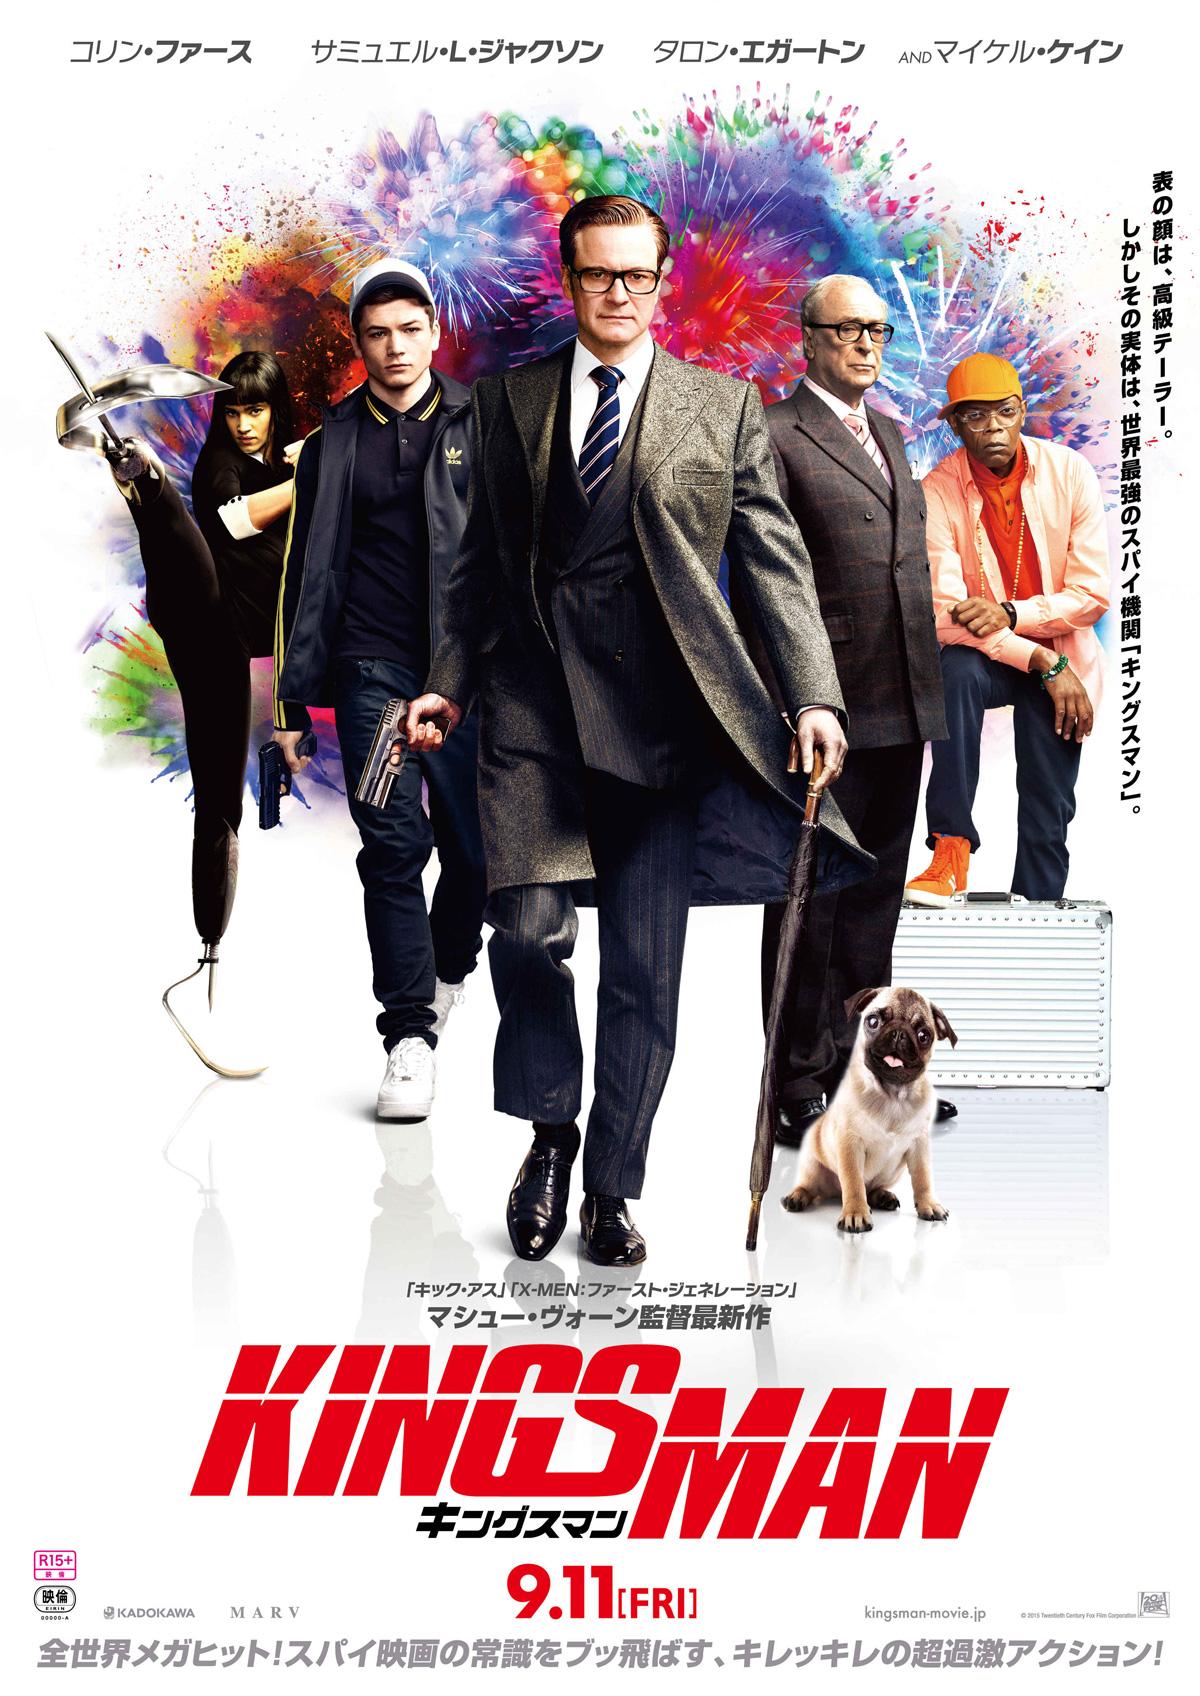 【1/26】【1/27】映画『キングスマン』上映企画!